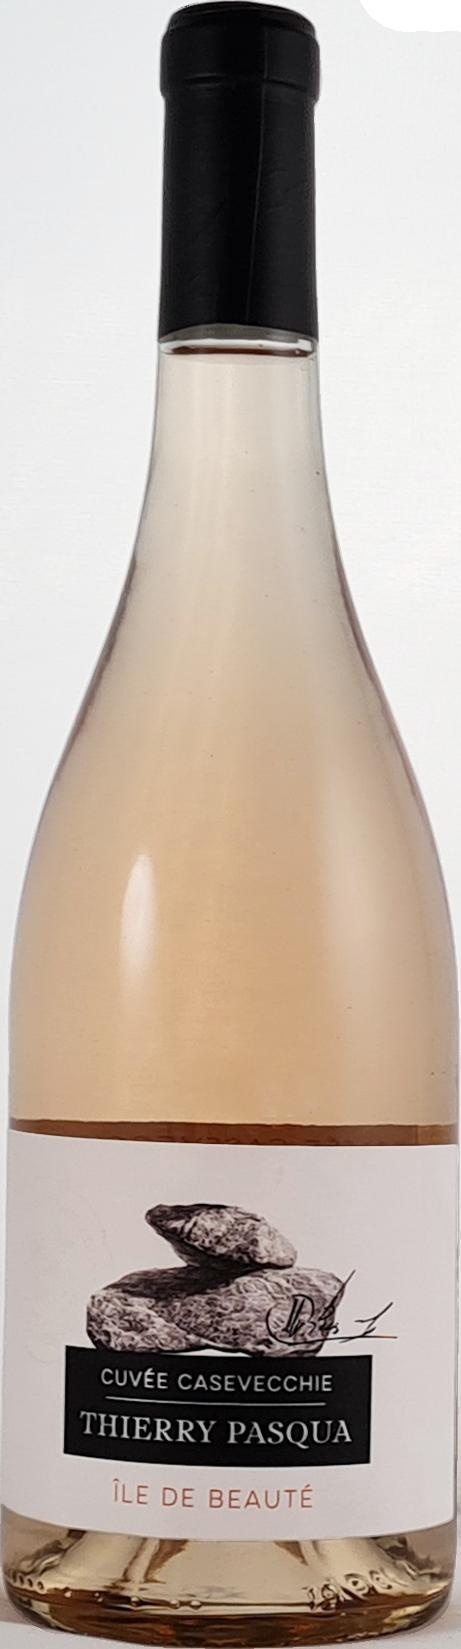 vin rosé vin corse ile de beauté